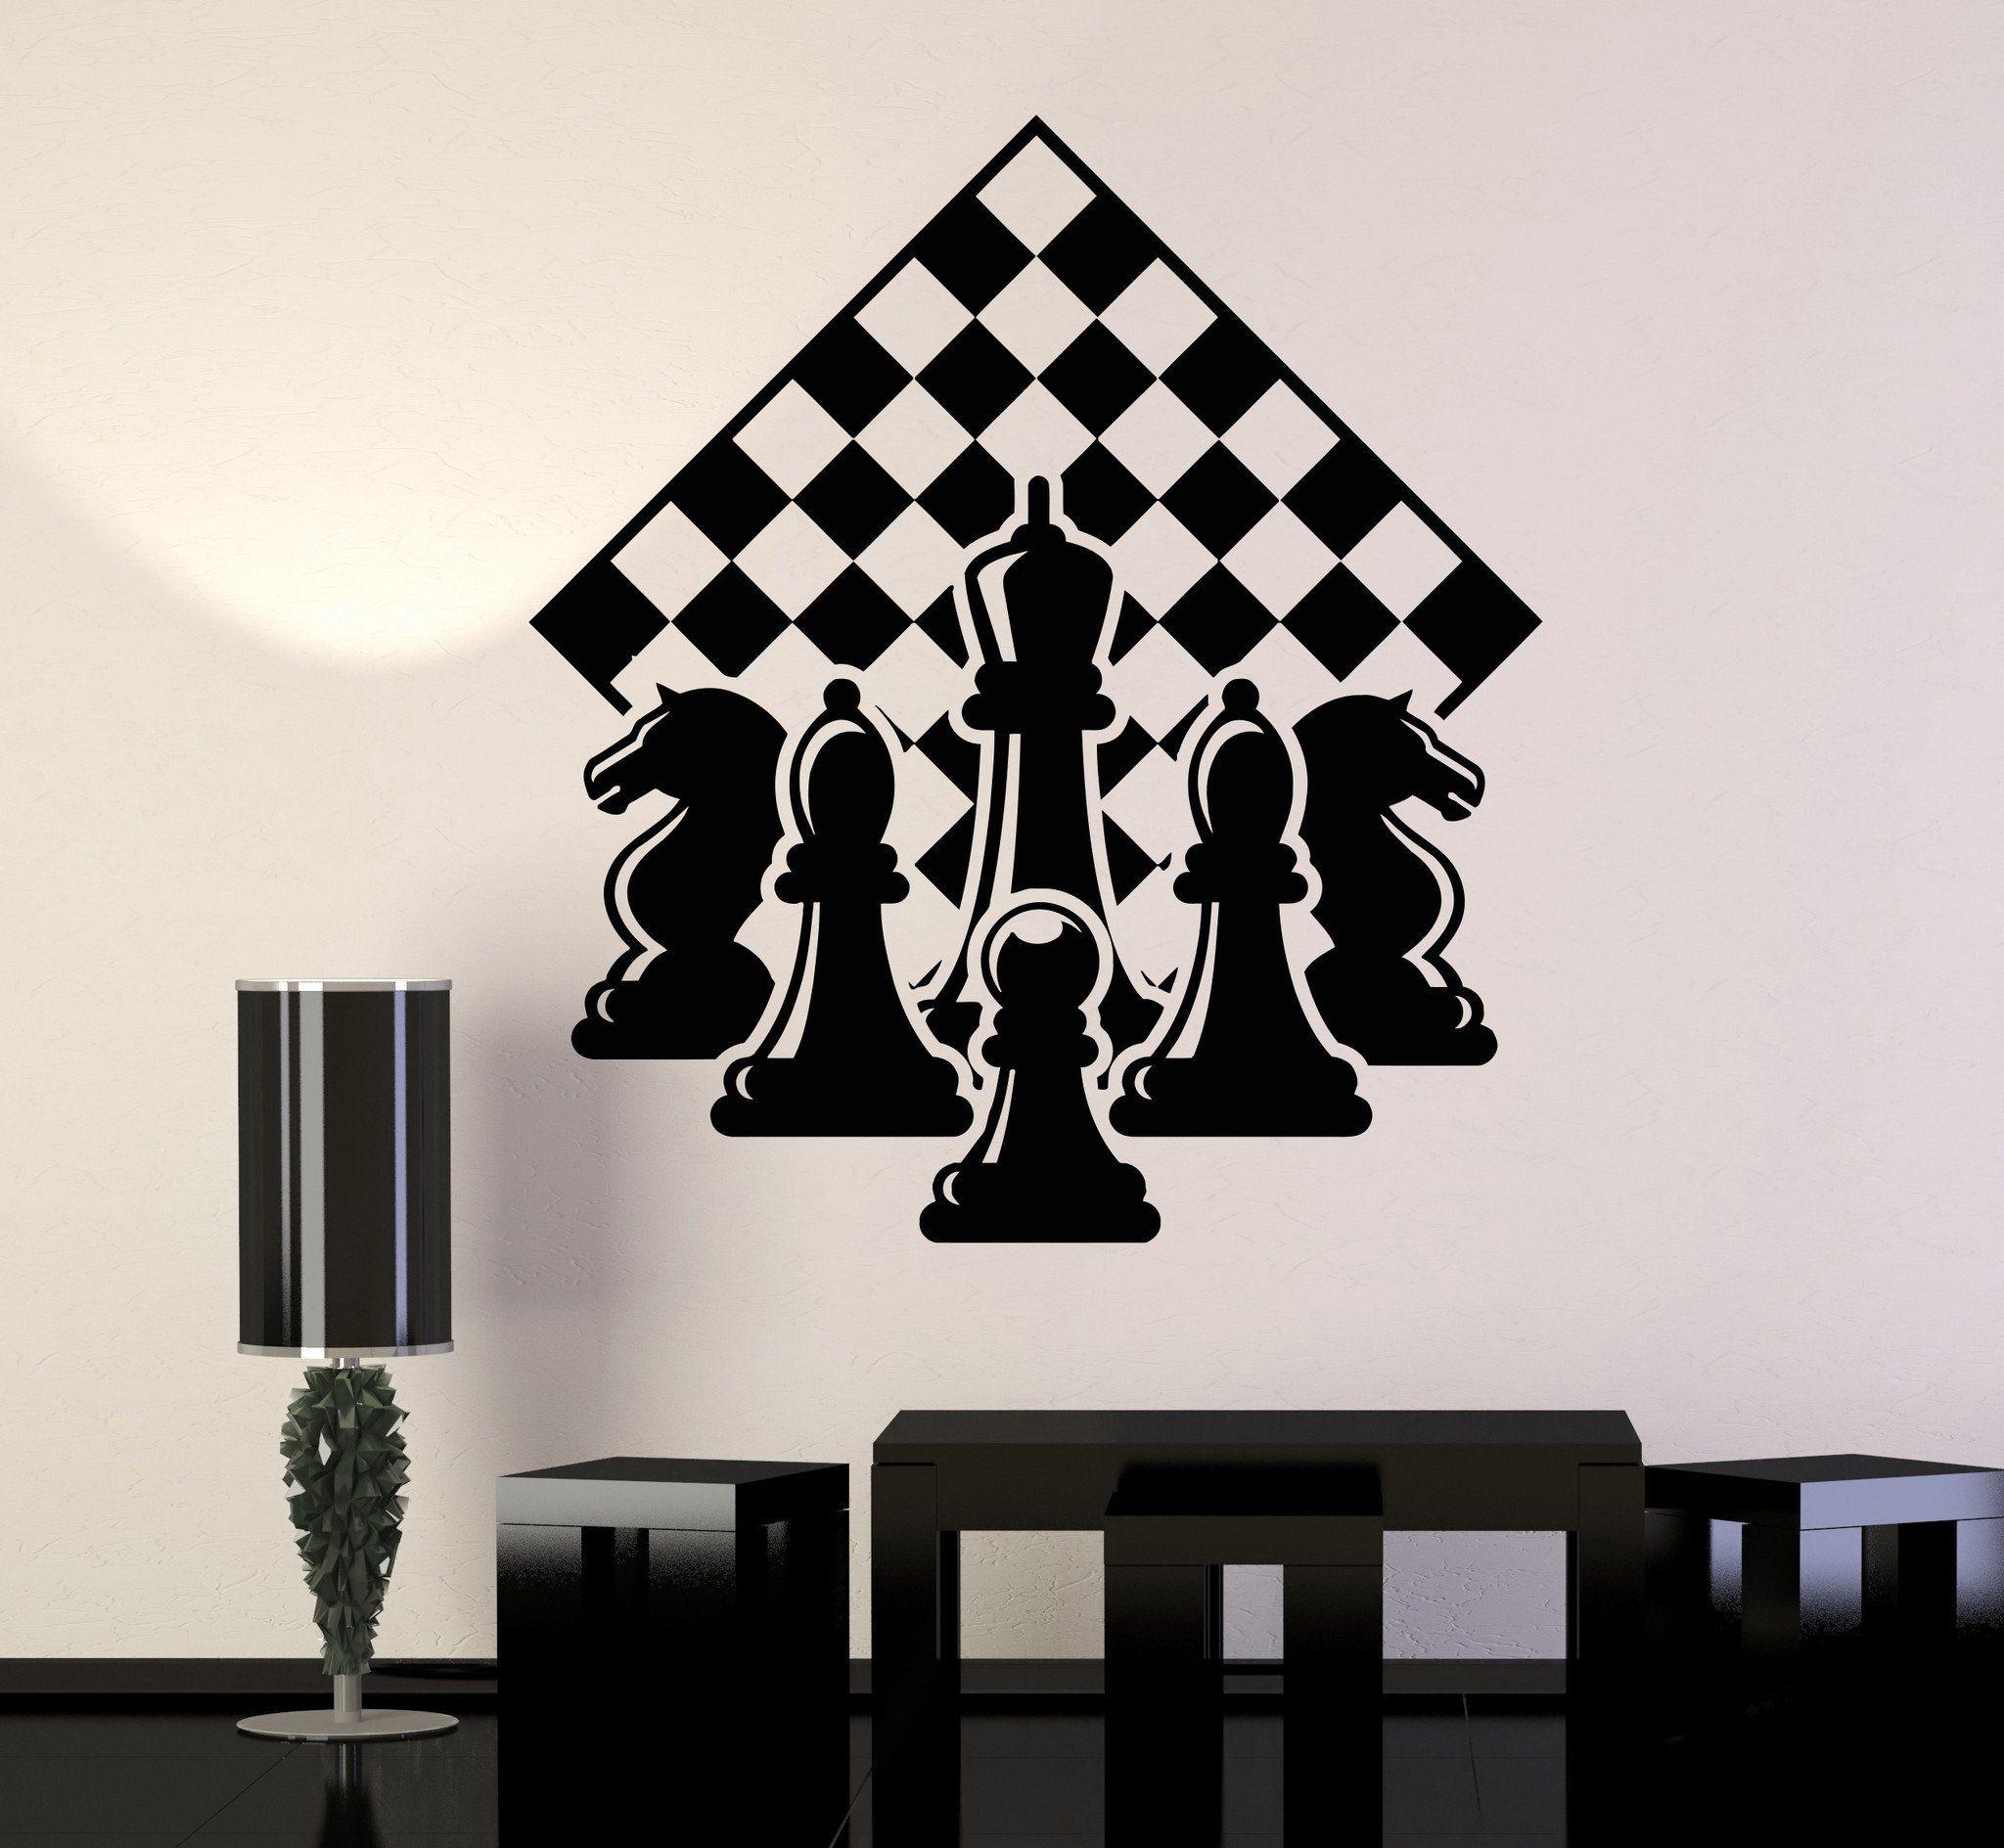 Работать надо, картинки с шахматами для оформления